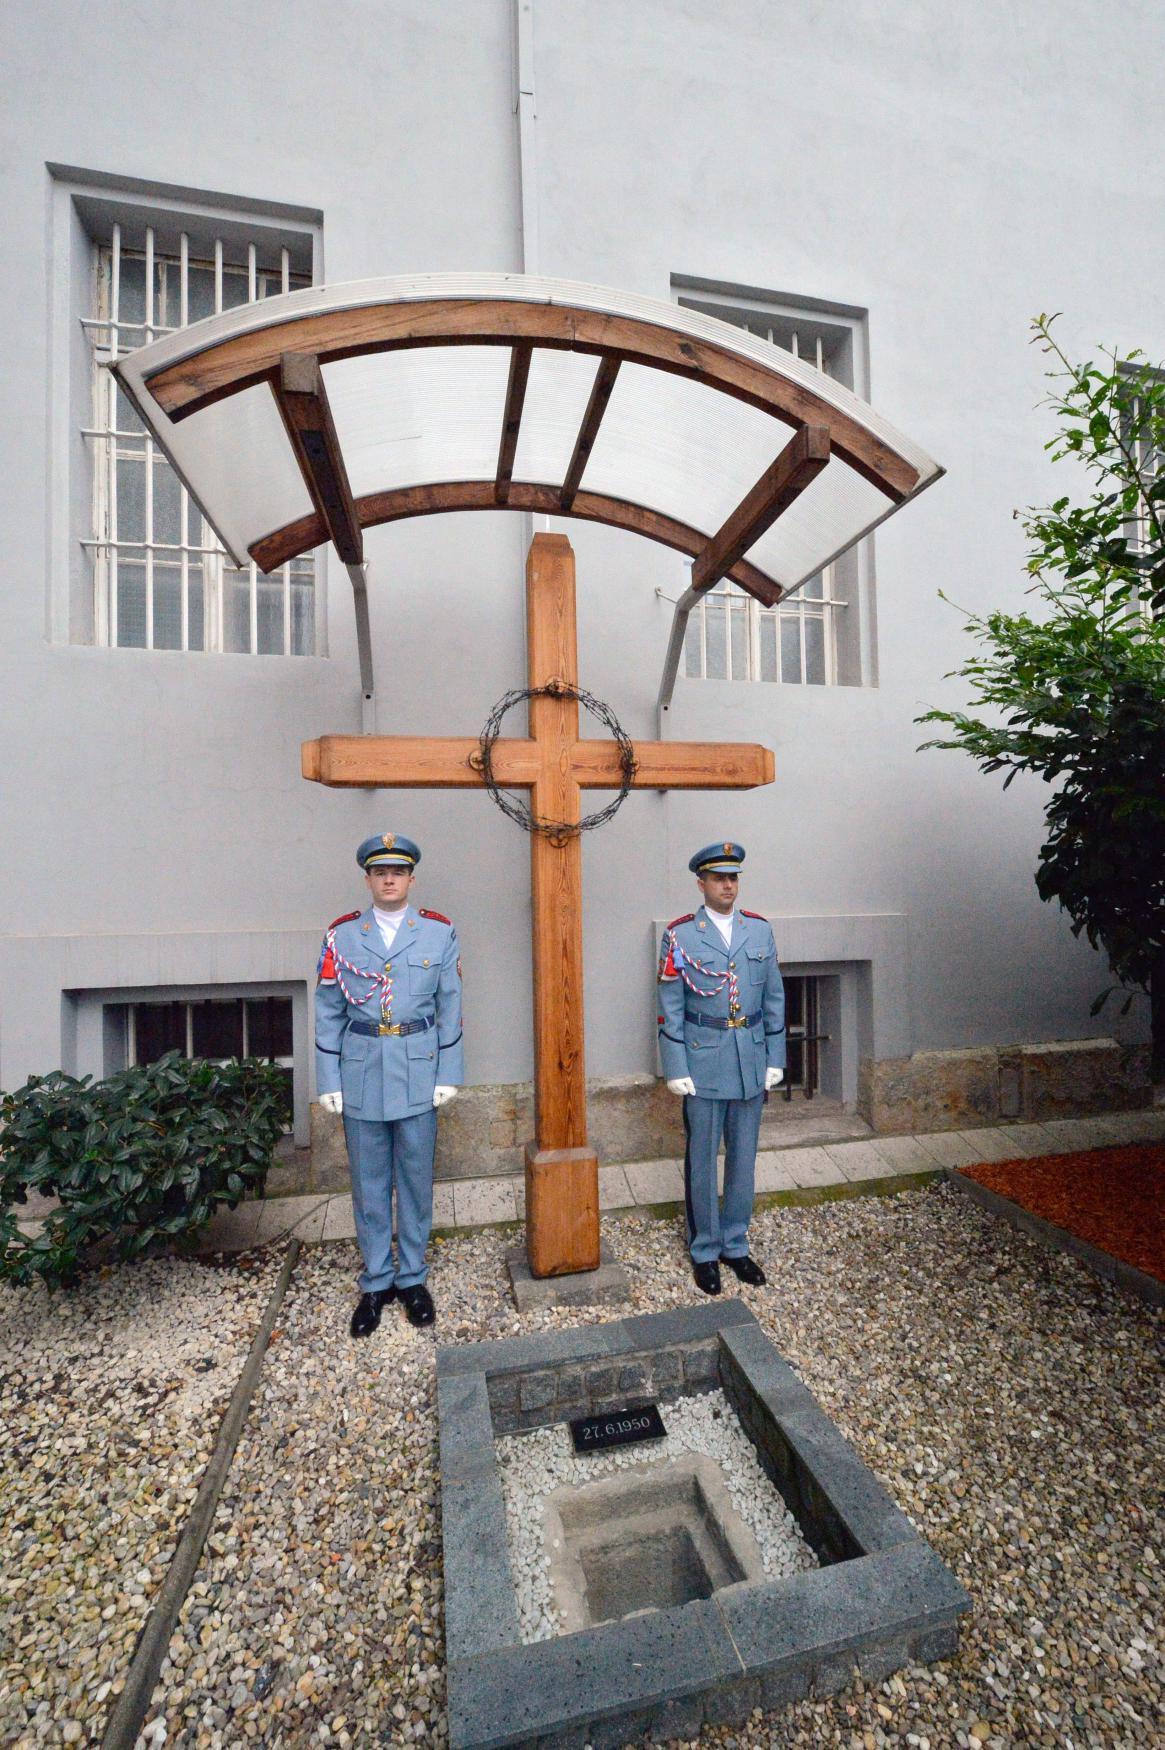 Kříž na dvoře pankrácké věznice, kde byla popravena Milada Horáková - 27. 6. 2015